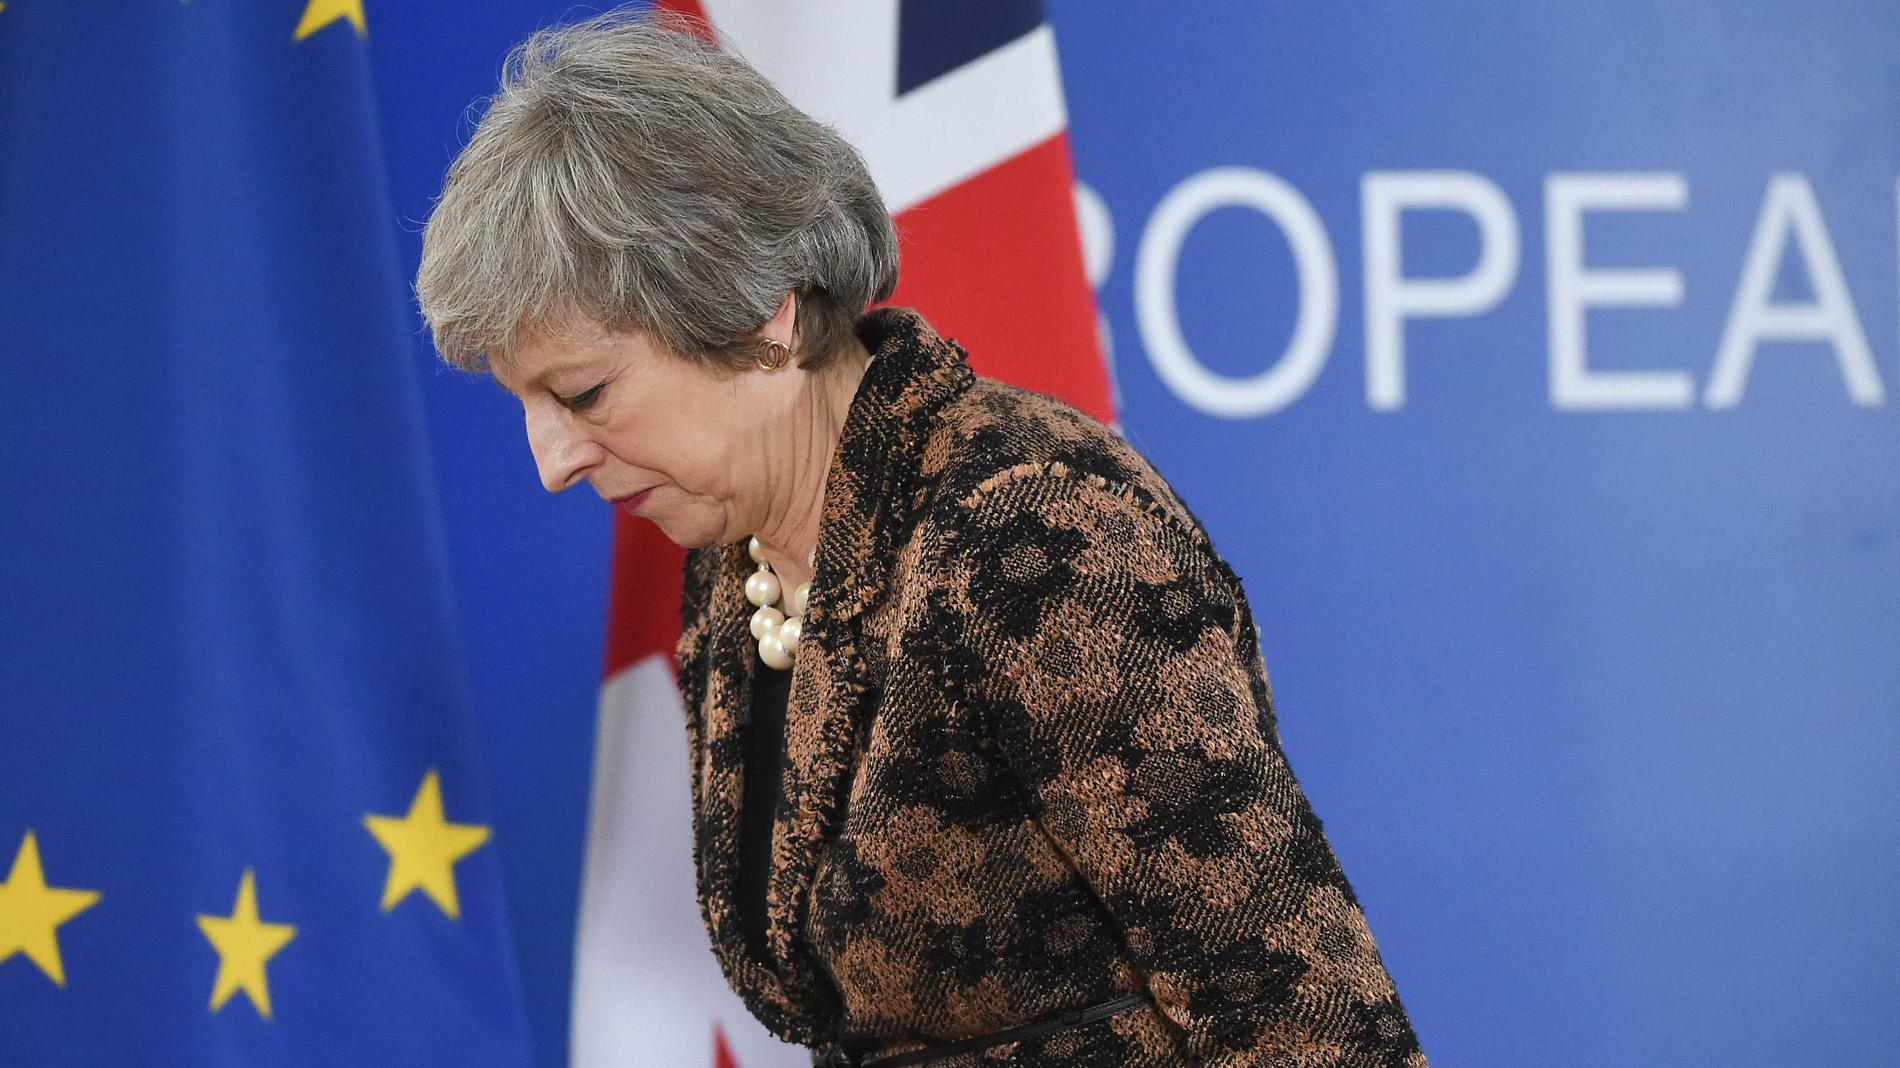 Bloqueo en las negociaciones del 'Brexit' tras la cumbre en Bruselas